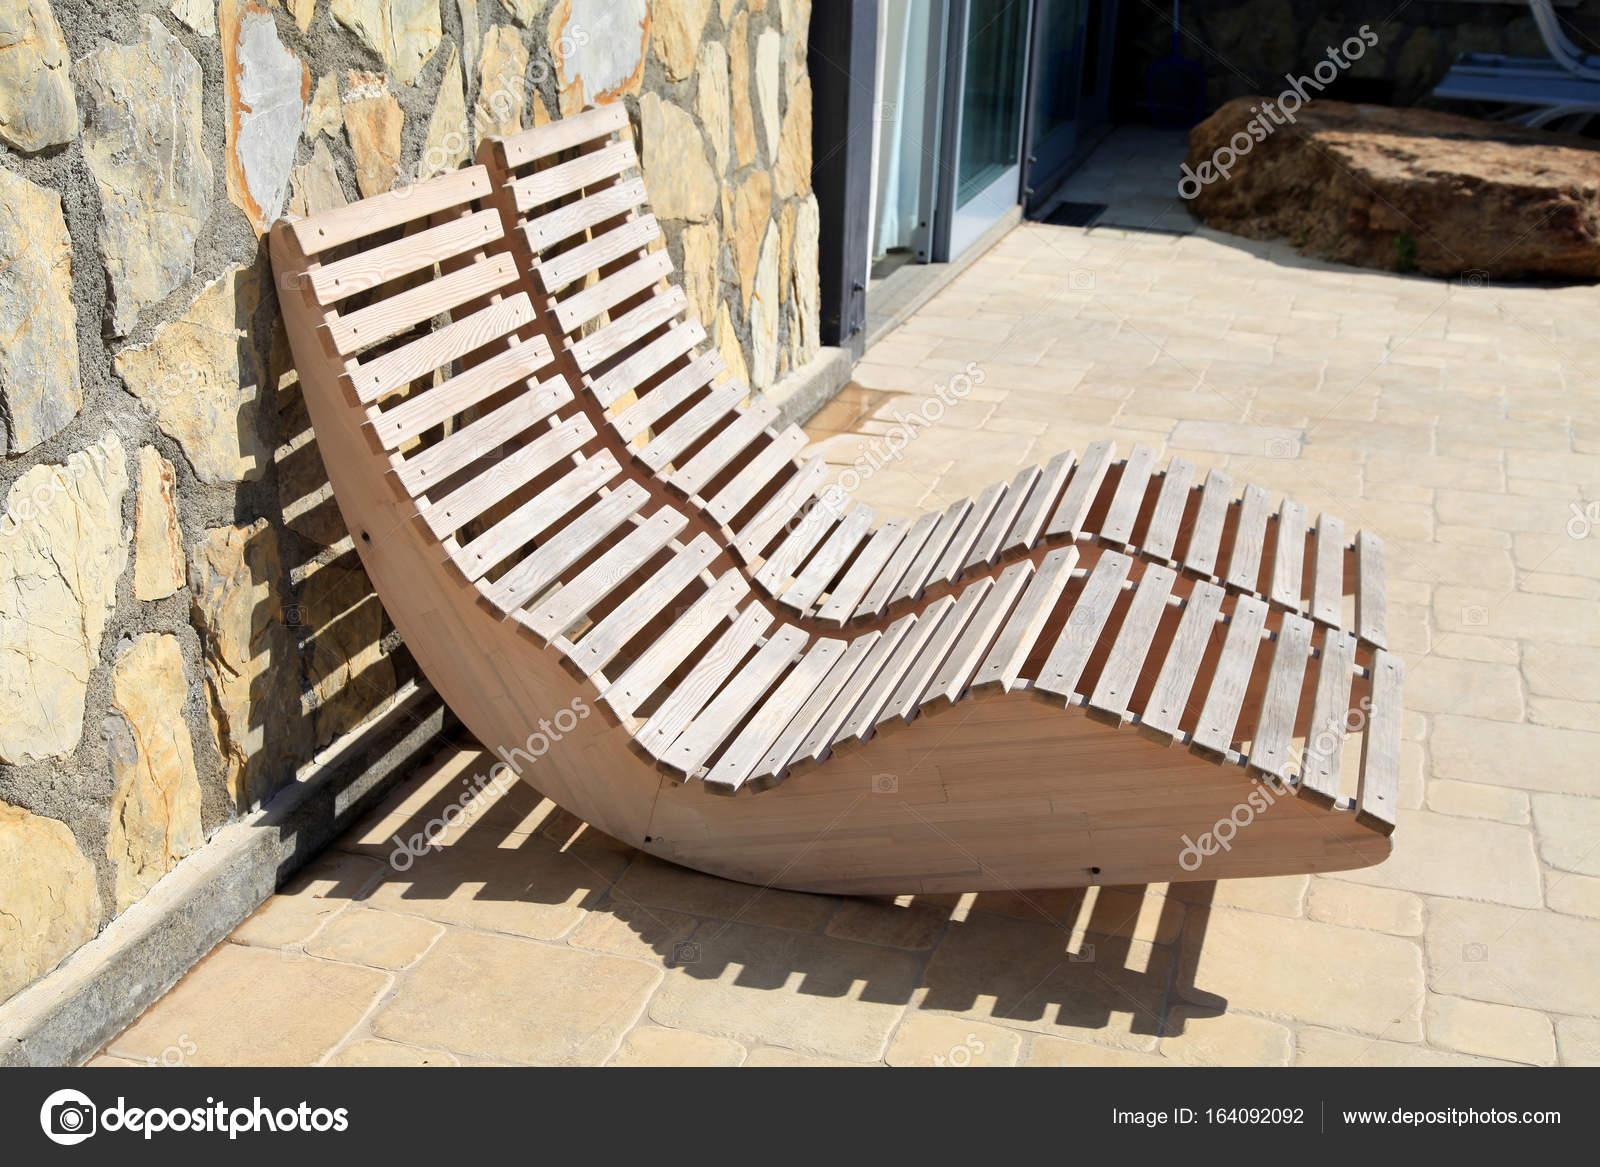 Lettino legno sulla terrazza foto stock felker 164092092 for Lettini da terrazzo